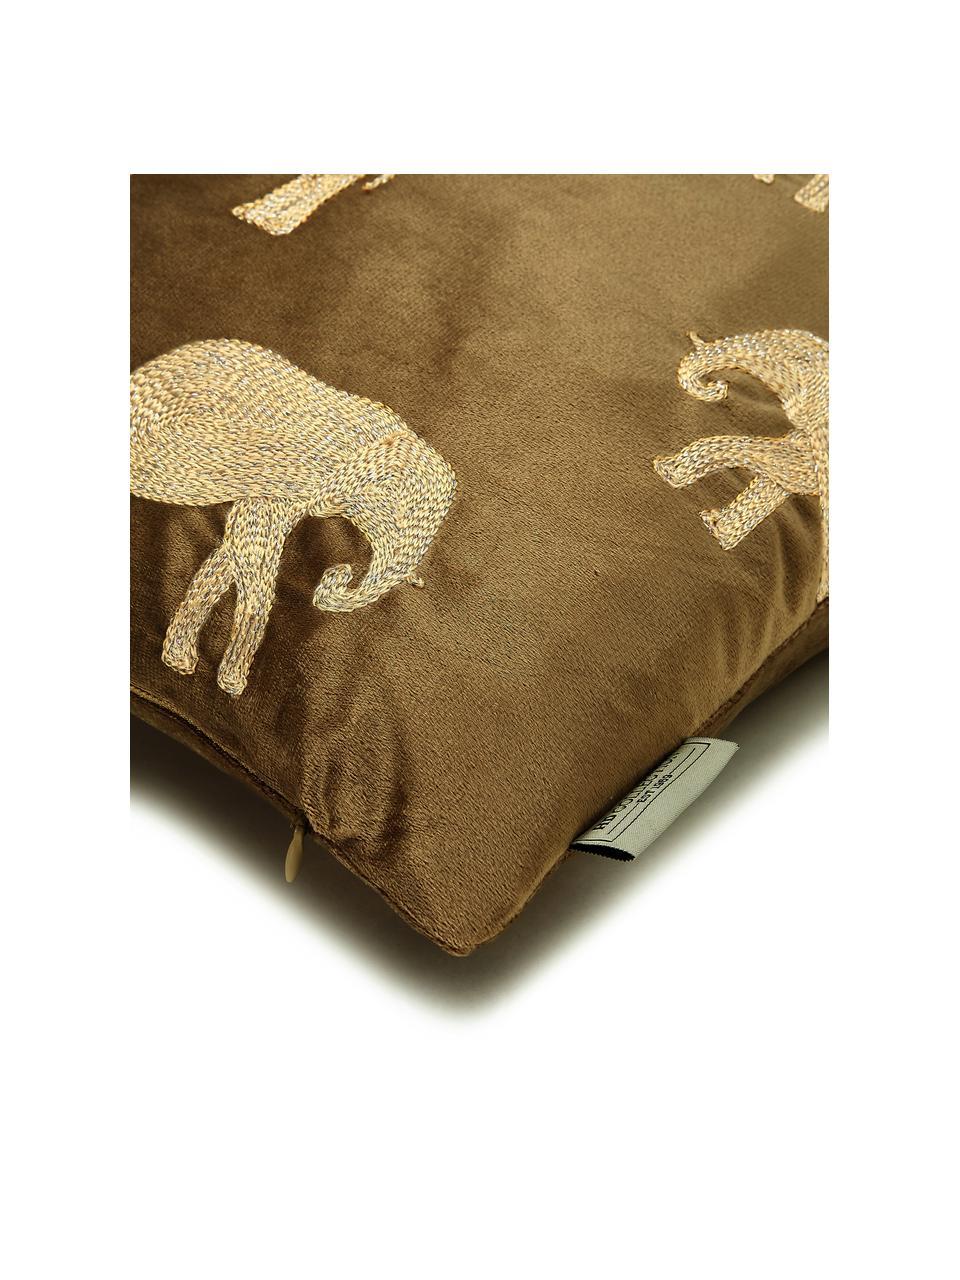 Haftowana poduszka z aksamitu z wypełnieniem Elephant, 100% aksamit (poliester), Brązowy, odcienie złotego, S 45 x D 45 cm